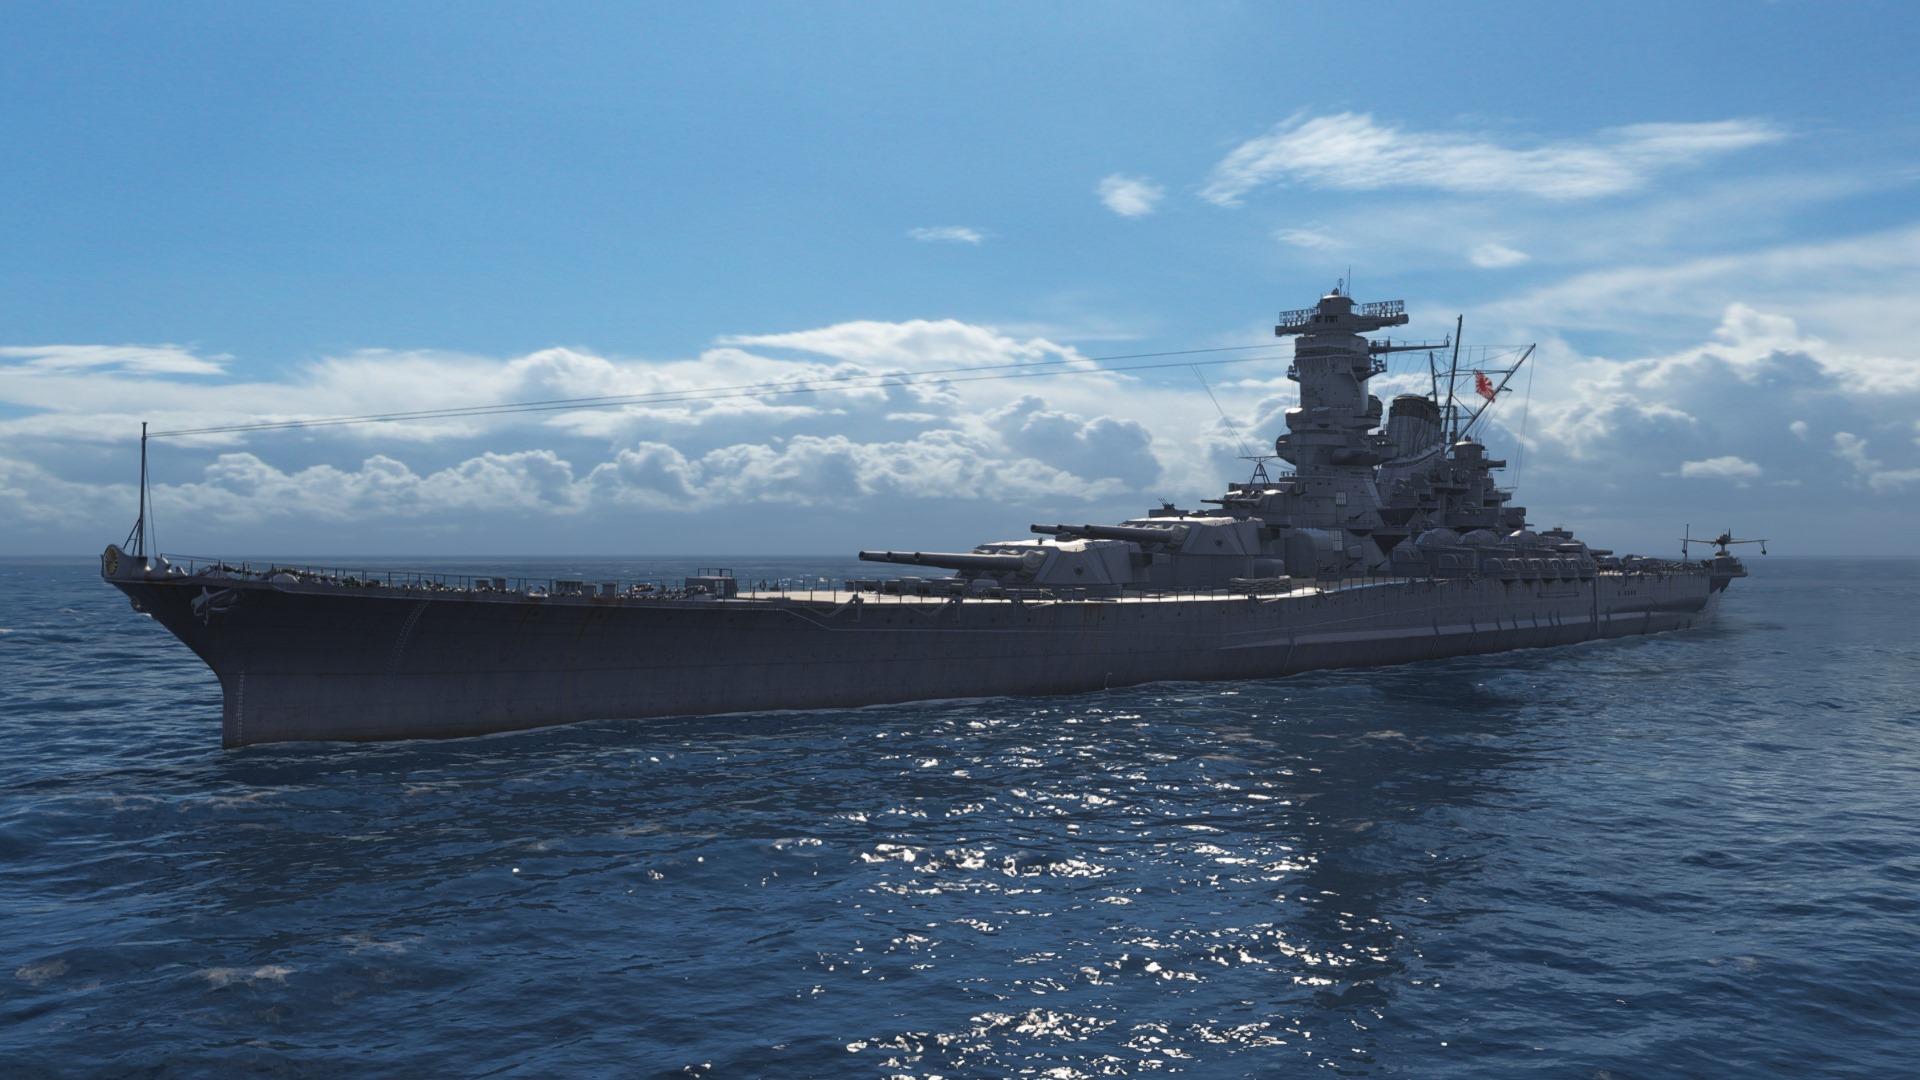 WoWs_Battleship_YAMATO.jpg